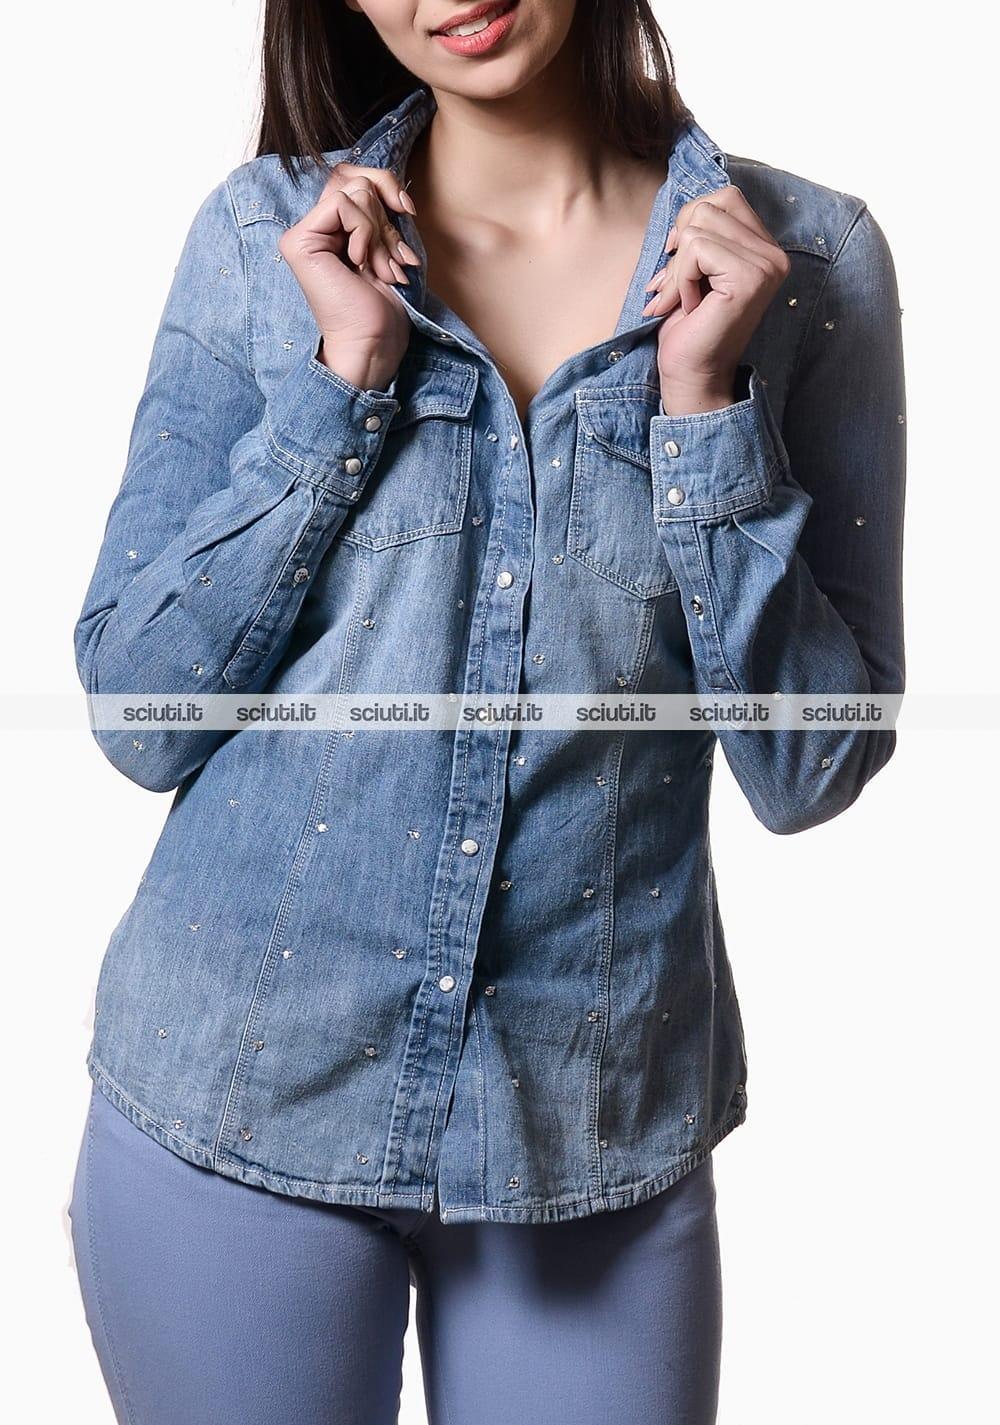 cheap for discount f43f5 a628c Camicia Guess donna applicazioni gioiello jeans | Sciuti.it